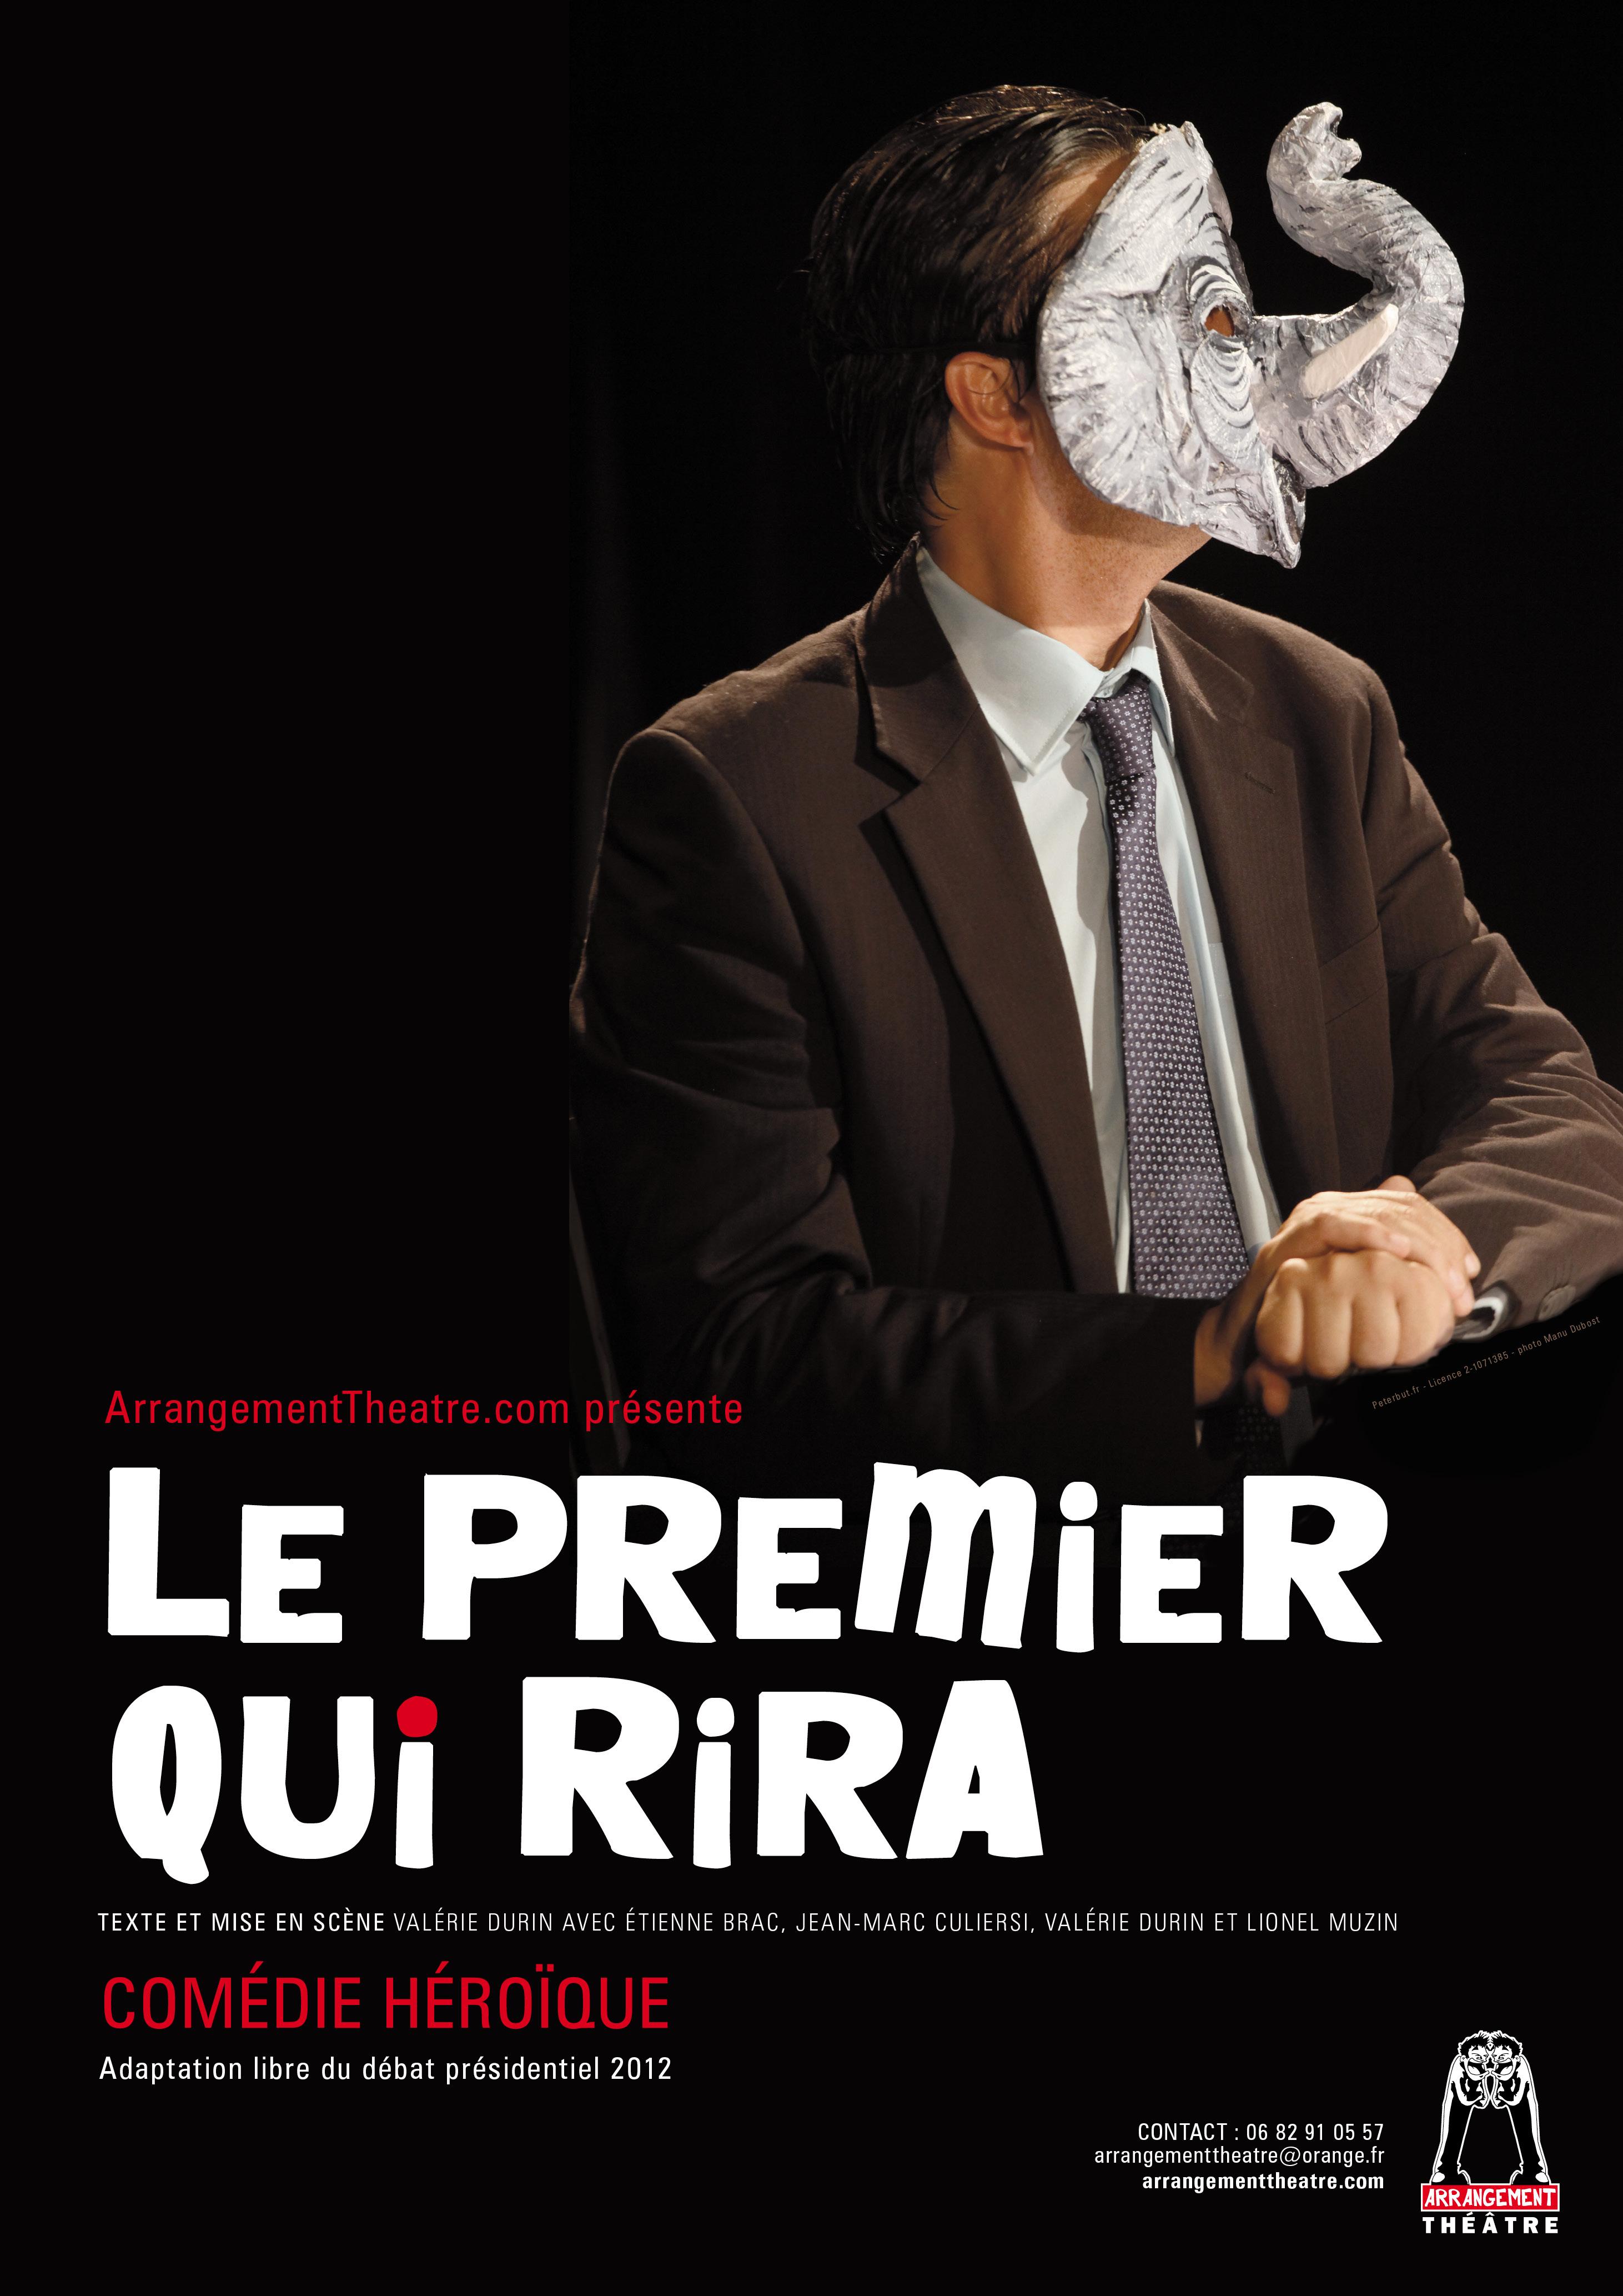 Affiche Compagnie l'Arrangement Théâtre